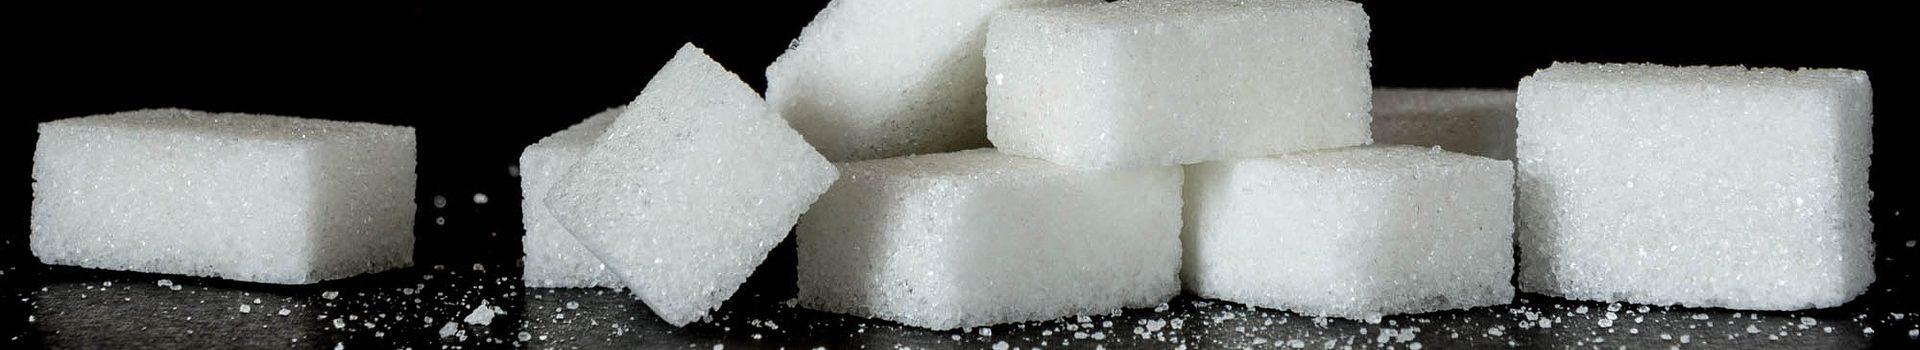 Suikerstofwisseling. OGTT